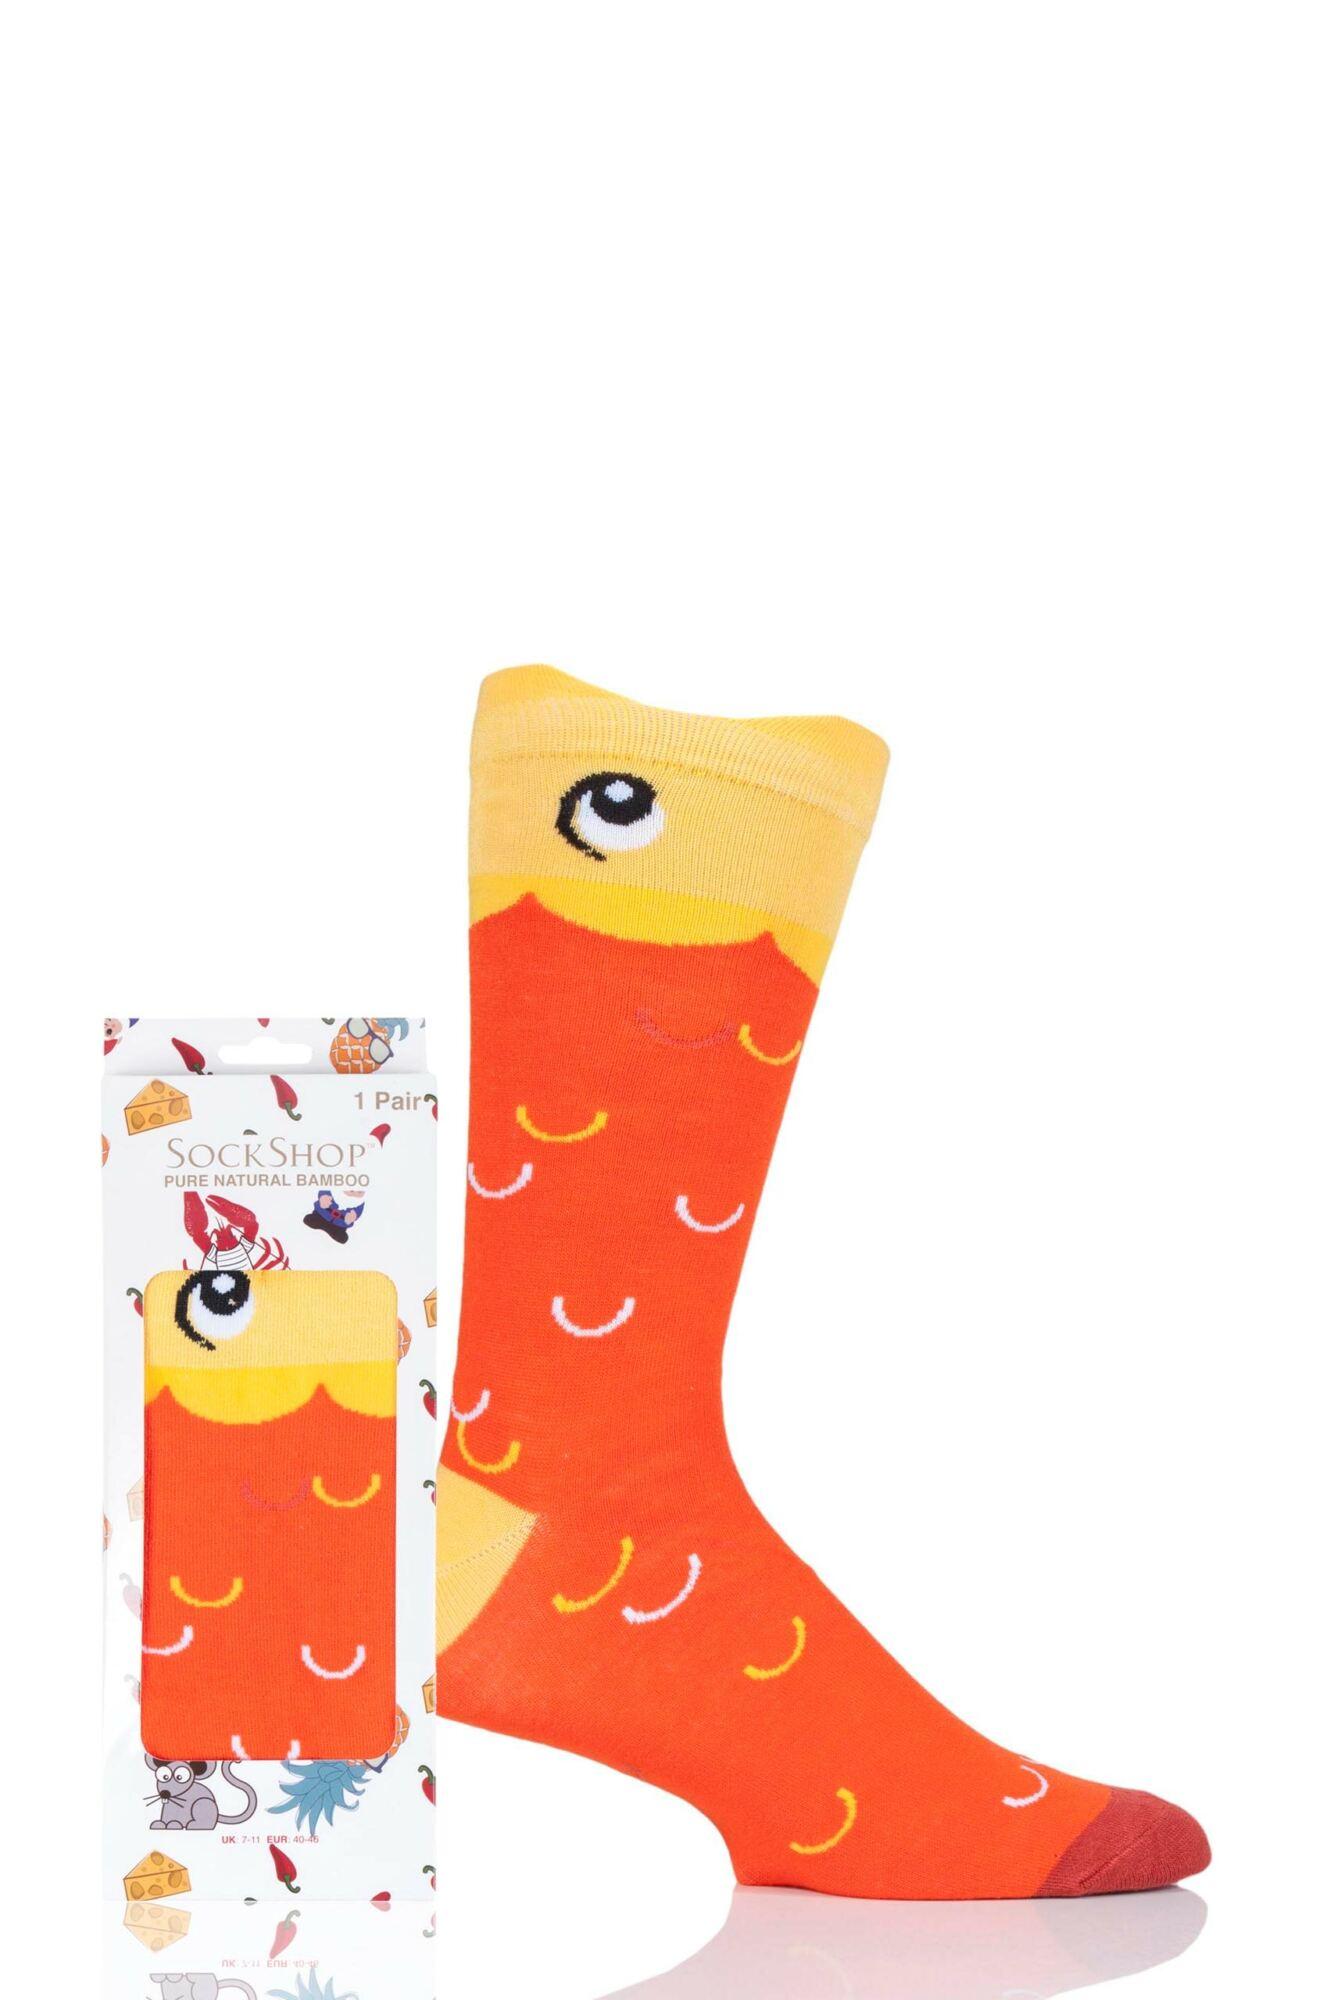 1 Pair Bamboo Goldfish Gift Boxed Socks Unisex - Lazy Panda